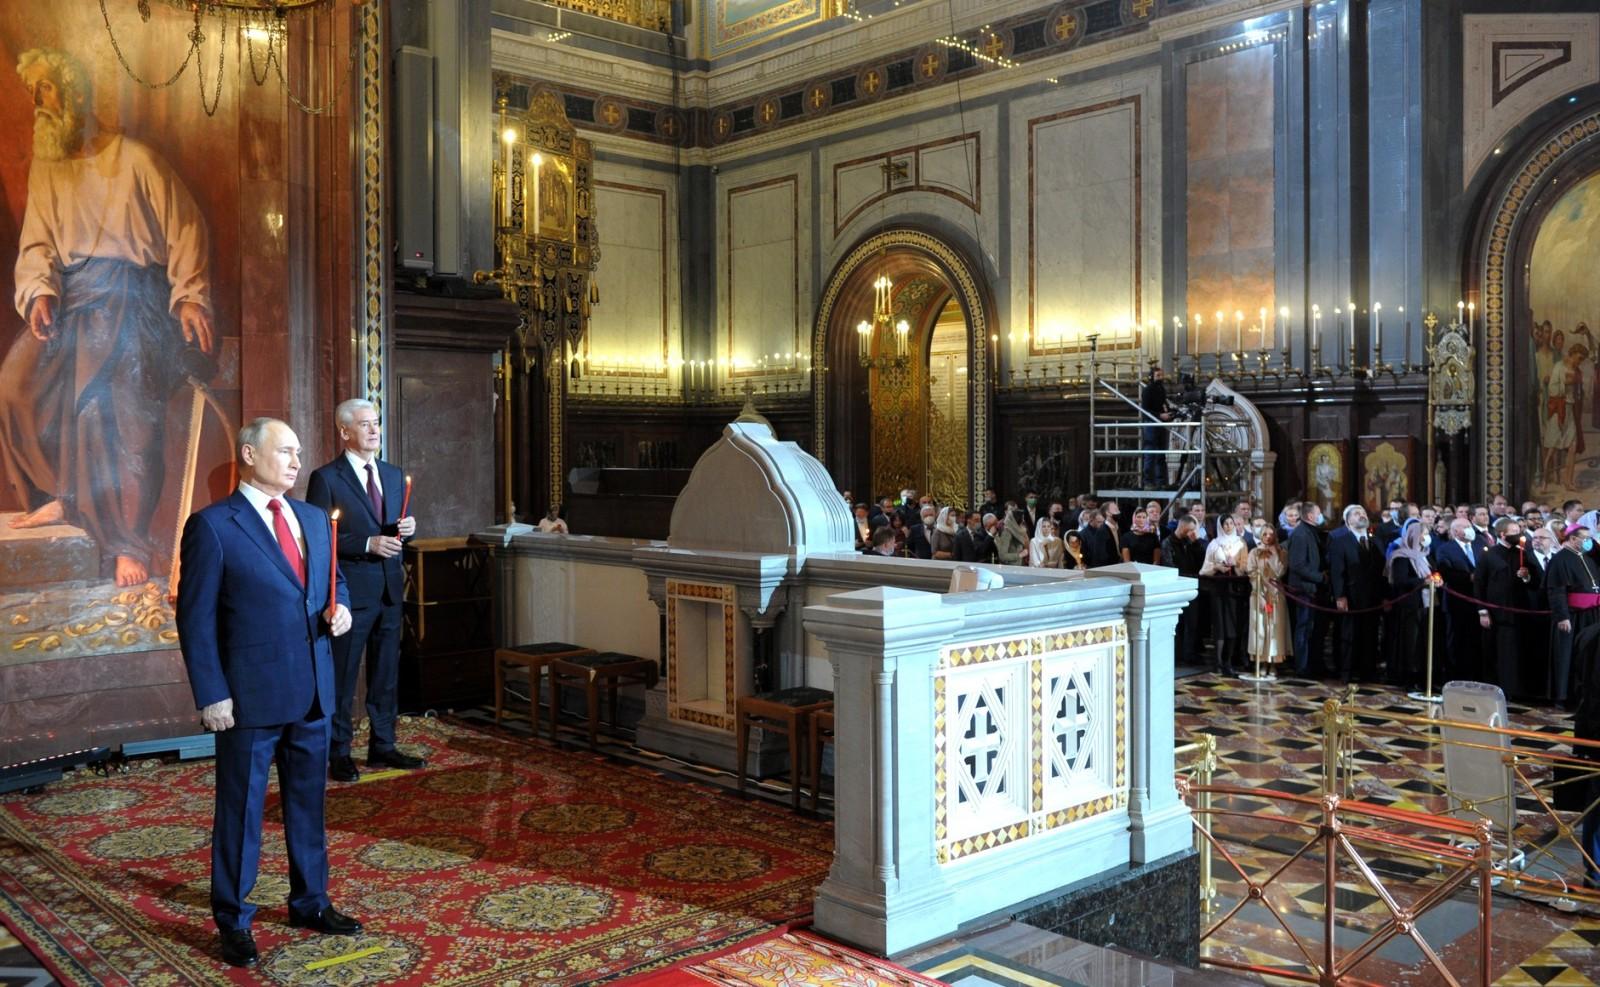 Президент страны Владимир Путин поздравил православных верующих со Светлым Христовым Воскресением